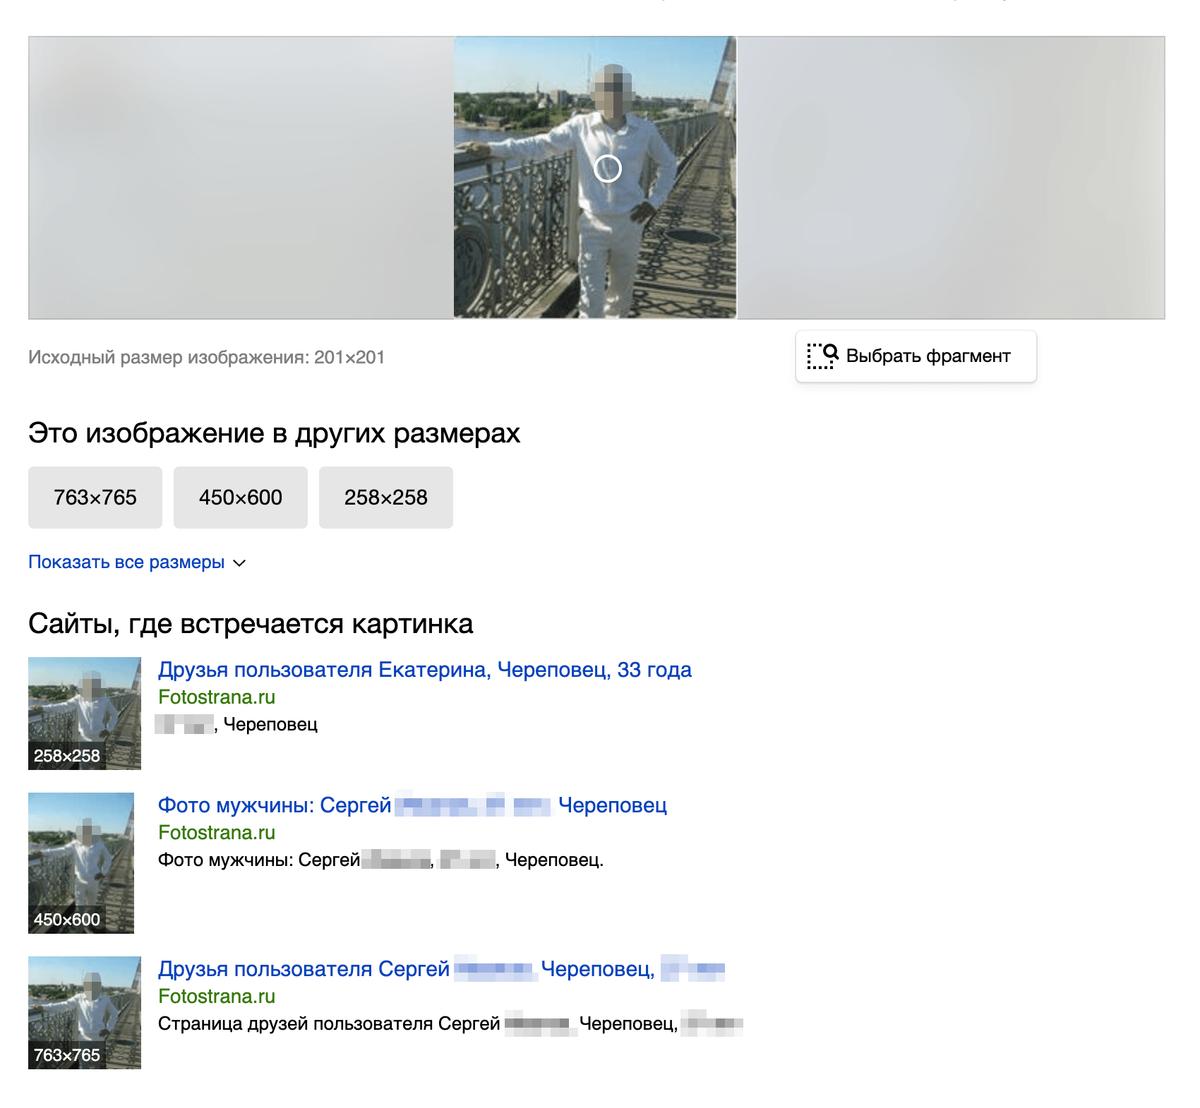 Ради интереса я вырезала фотографию из скриншота профиля Дмитрия и проверила ее в поиске Яндекса по картинкам. Судя по результатам поиска, на снимке изображен другой человек